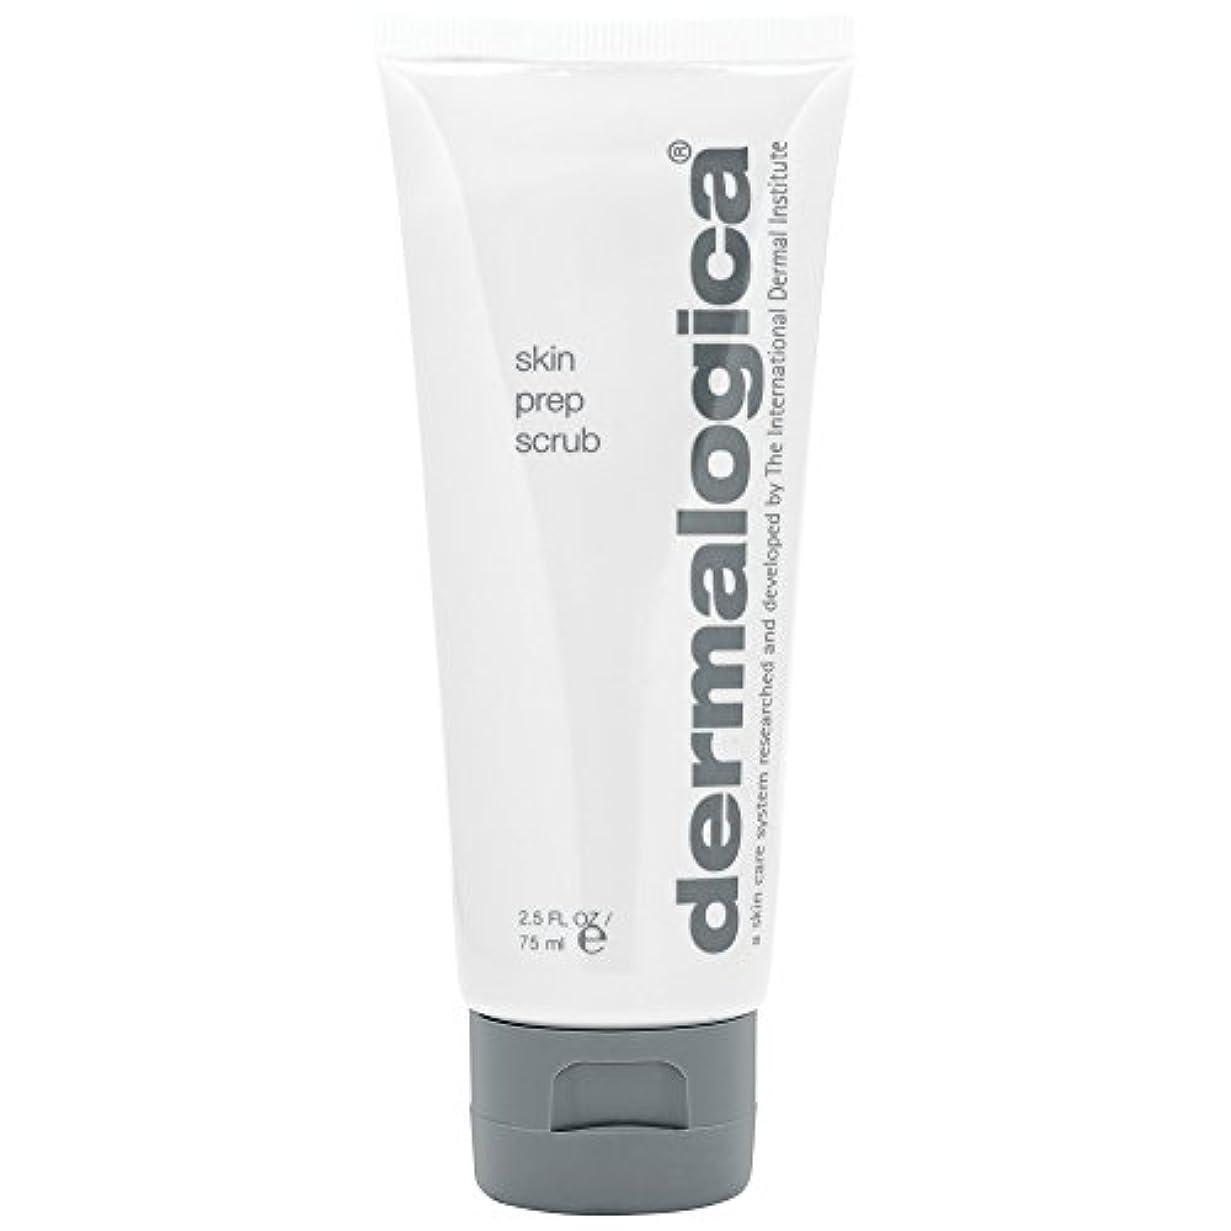 履歴書かび臭い侮辱ダーマロジカスキンプレップスクラブ75ミリリットル (Dermalogica) (x6) - Dermalogica Skin Prep Scrub 75ml (Pack of 6) [並行輸入品]